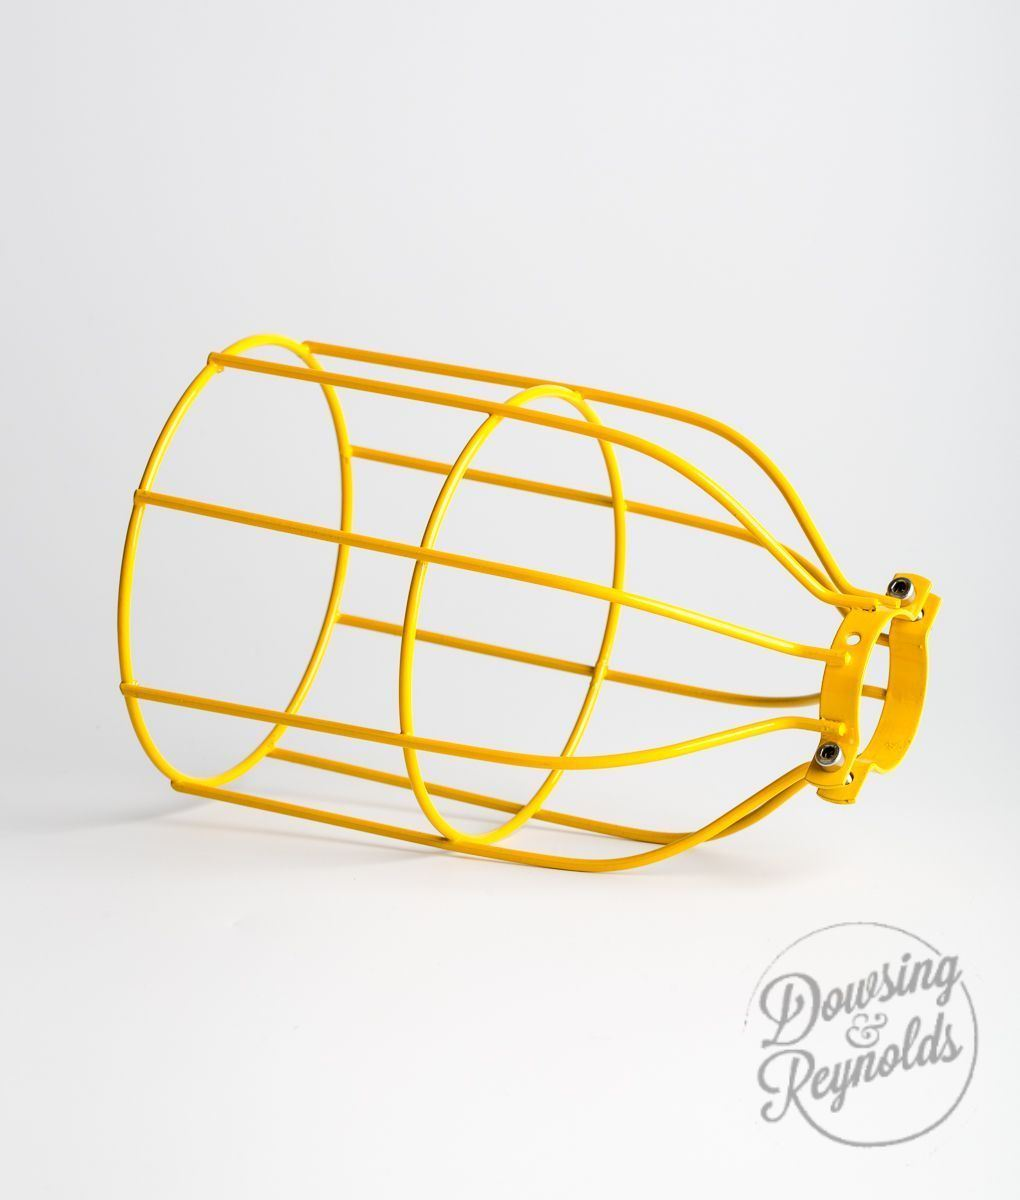 cage de protection lampe ampoule industrielle diff rentes formes et couleurs ebay. Black Bedroom Furniture Sets. Home Design Ideas